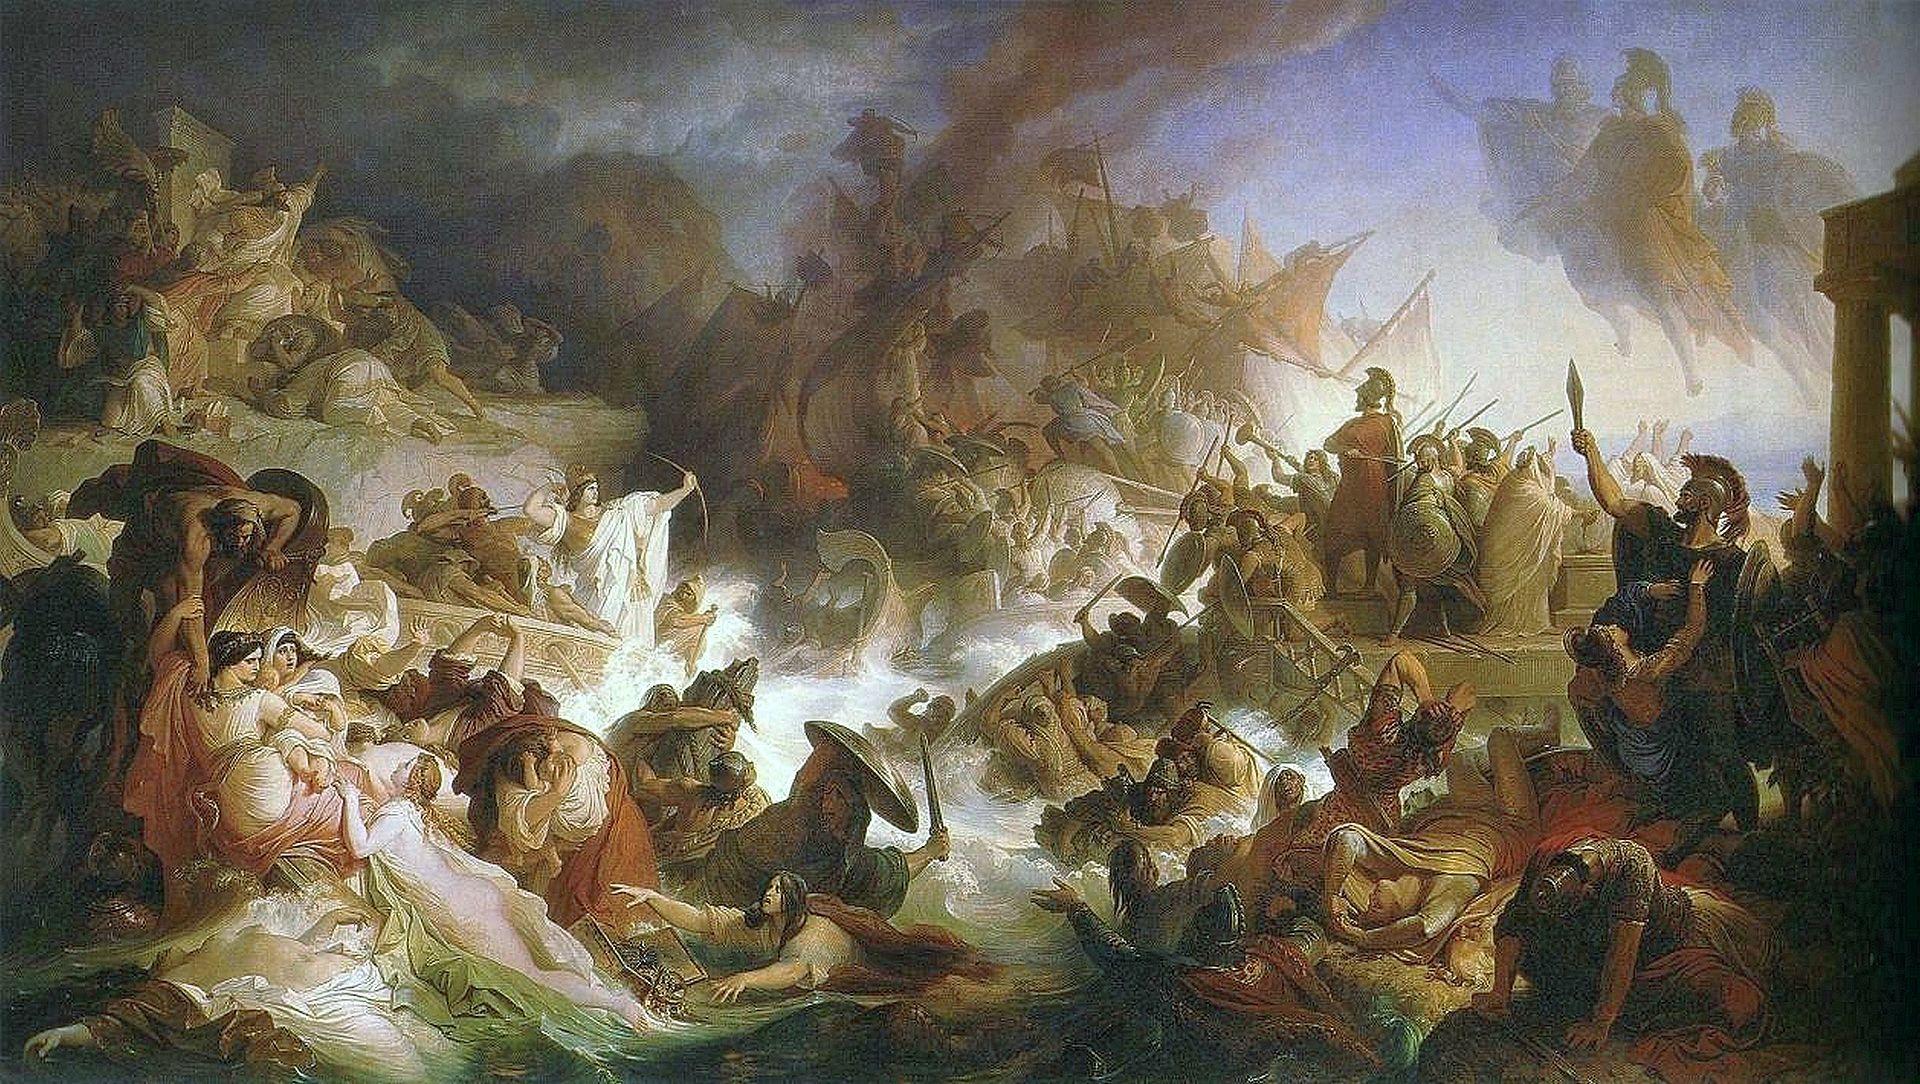 Οι άγνωστοι ήρωες των περσικών πολέμων που πολέμησαν μέχρι θανάτου. Ο Υπερασπιστής της Ακρόπολης, που ο σκελετός του ανακαλύφθηκε το 1932